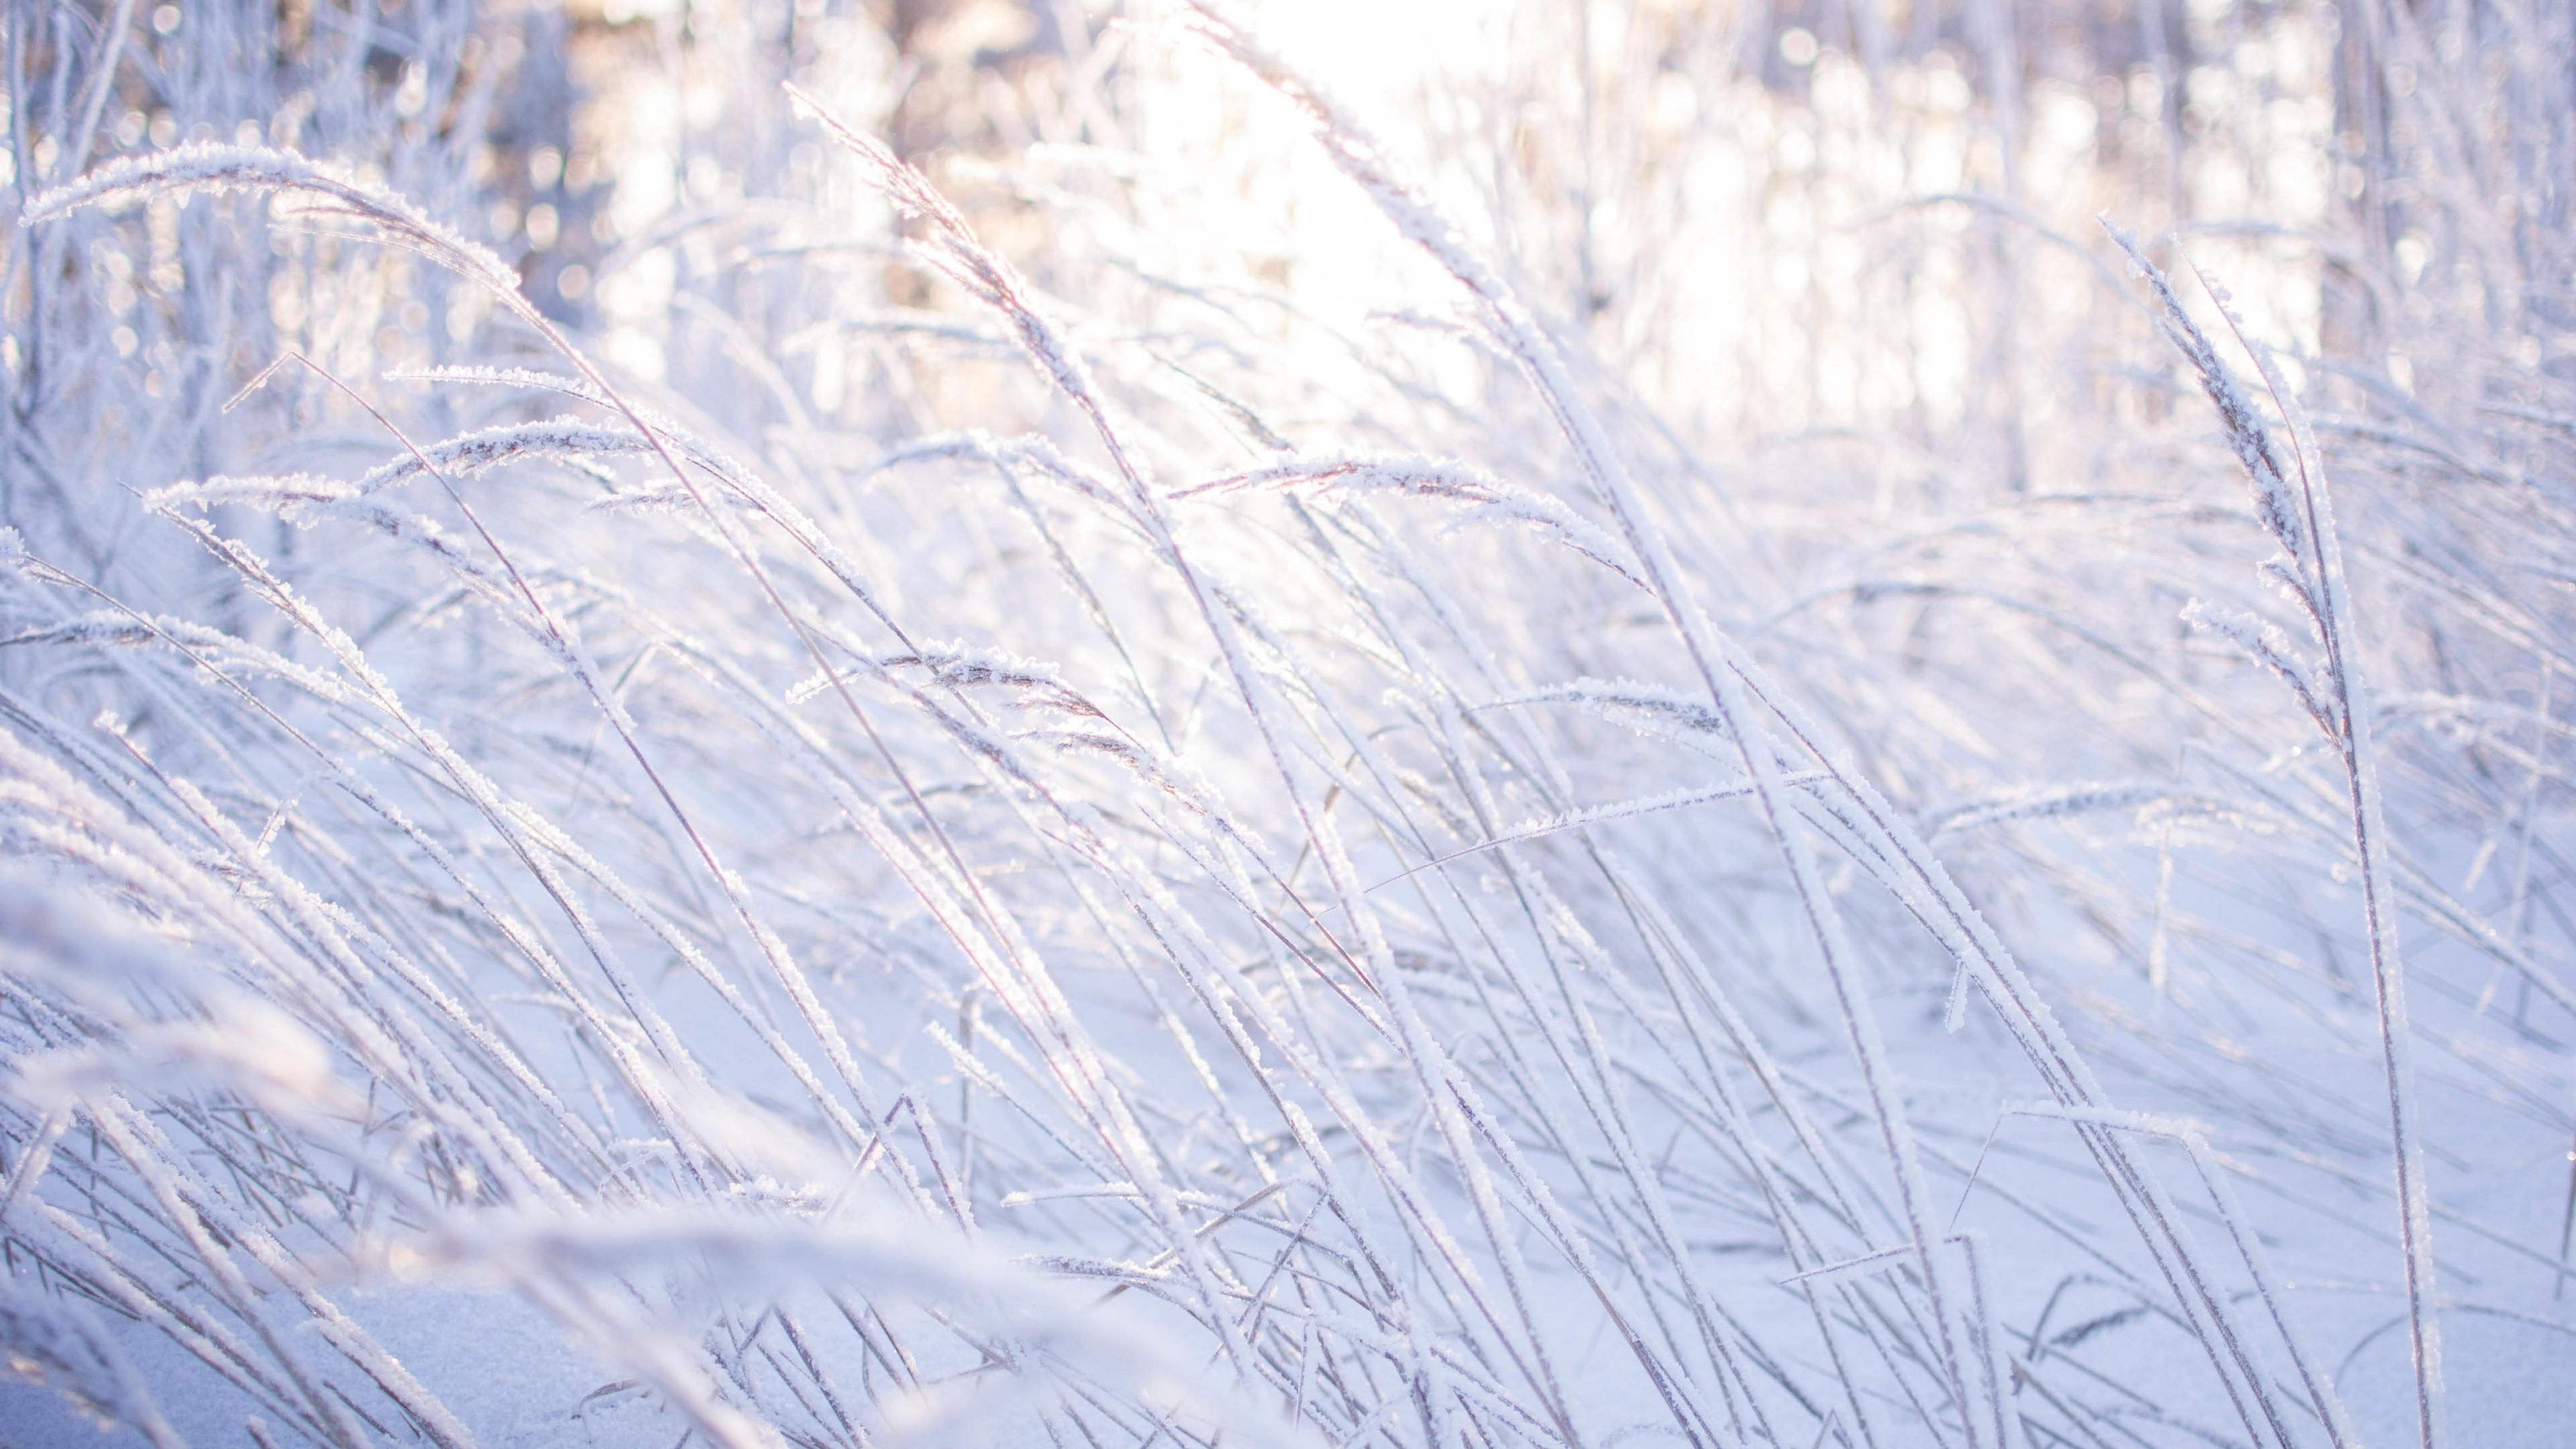 Wallpaper Meadows 5k 4k Wallpaper 8k Snow Frost